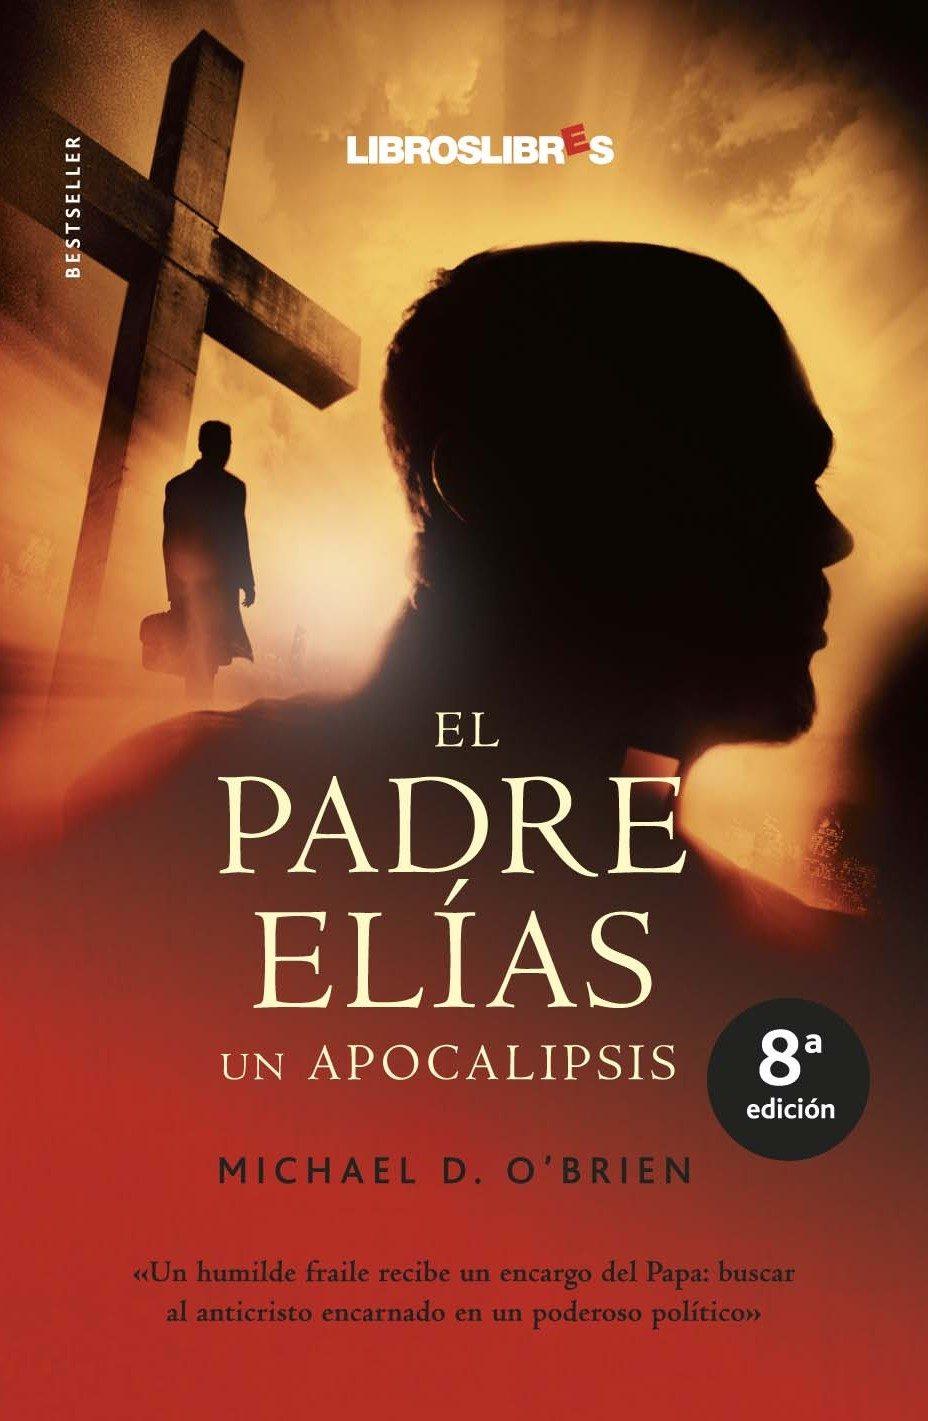 Libros Que Merecen Llegar Al Cine El Padre Elías Cinescopia